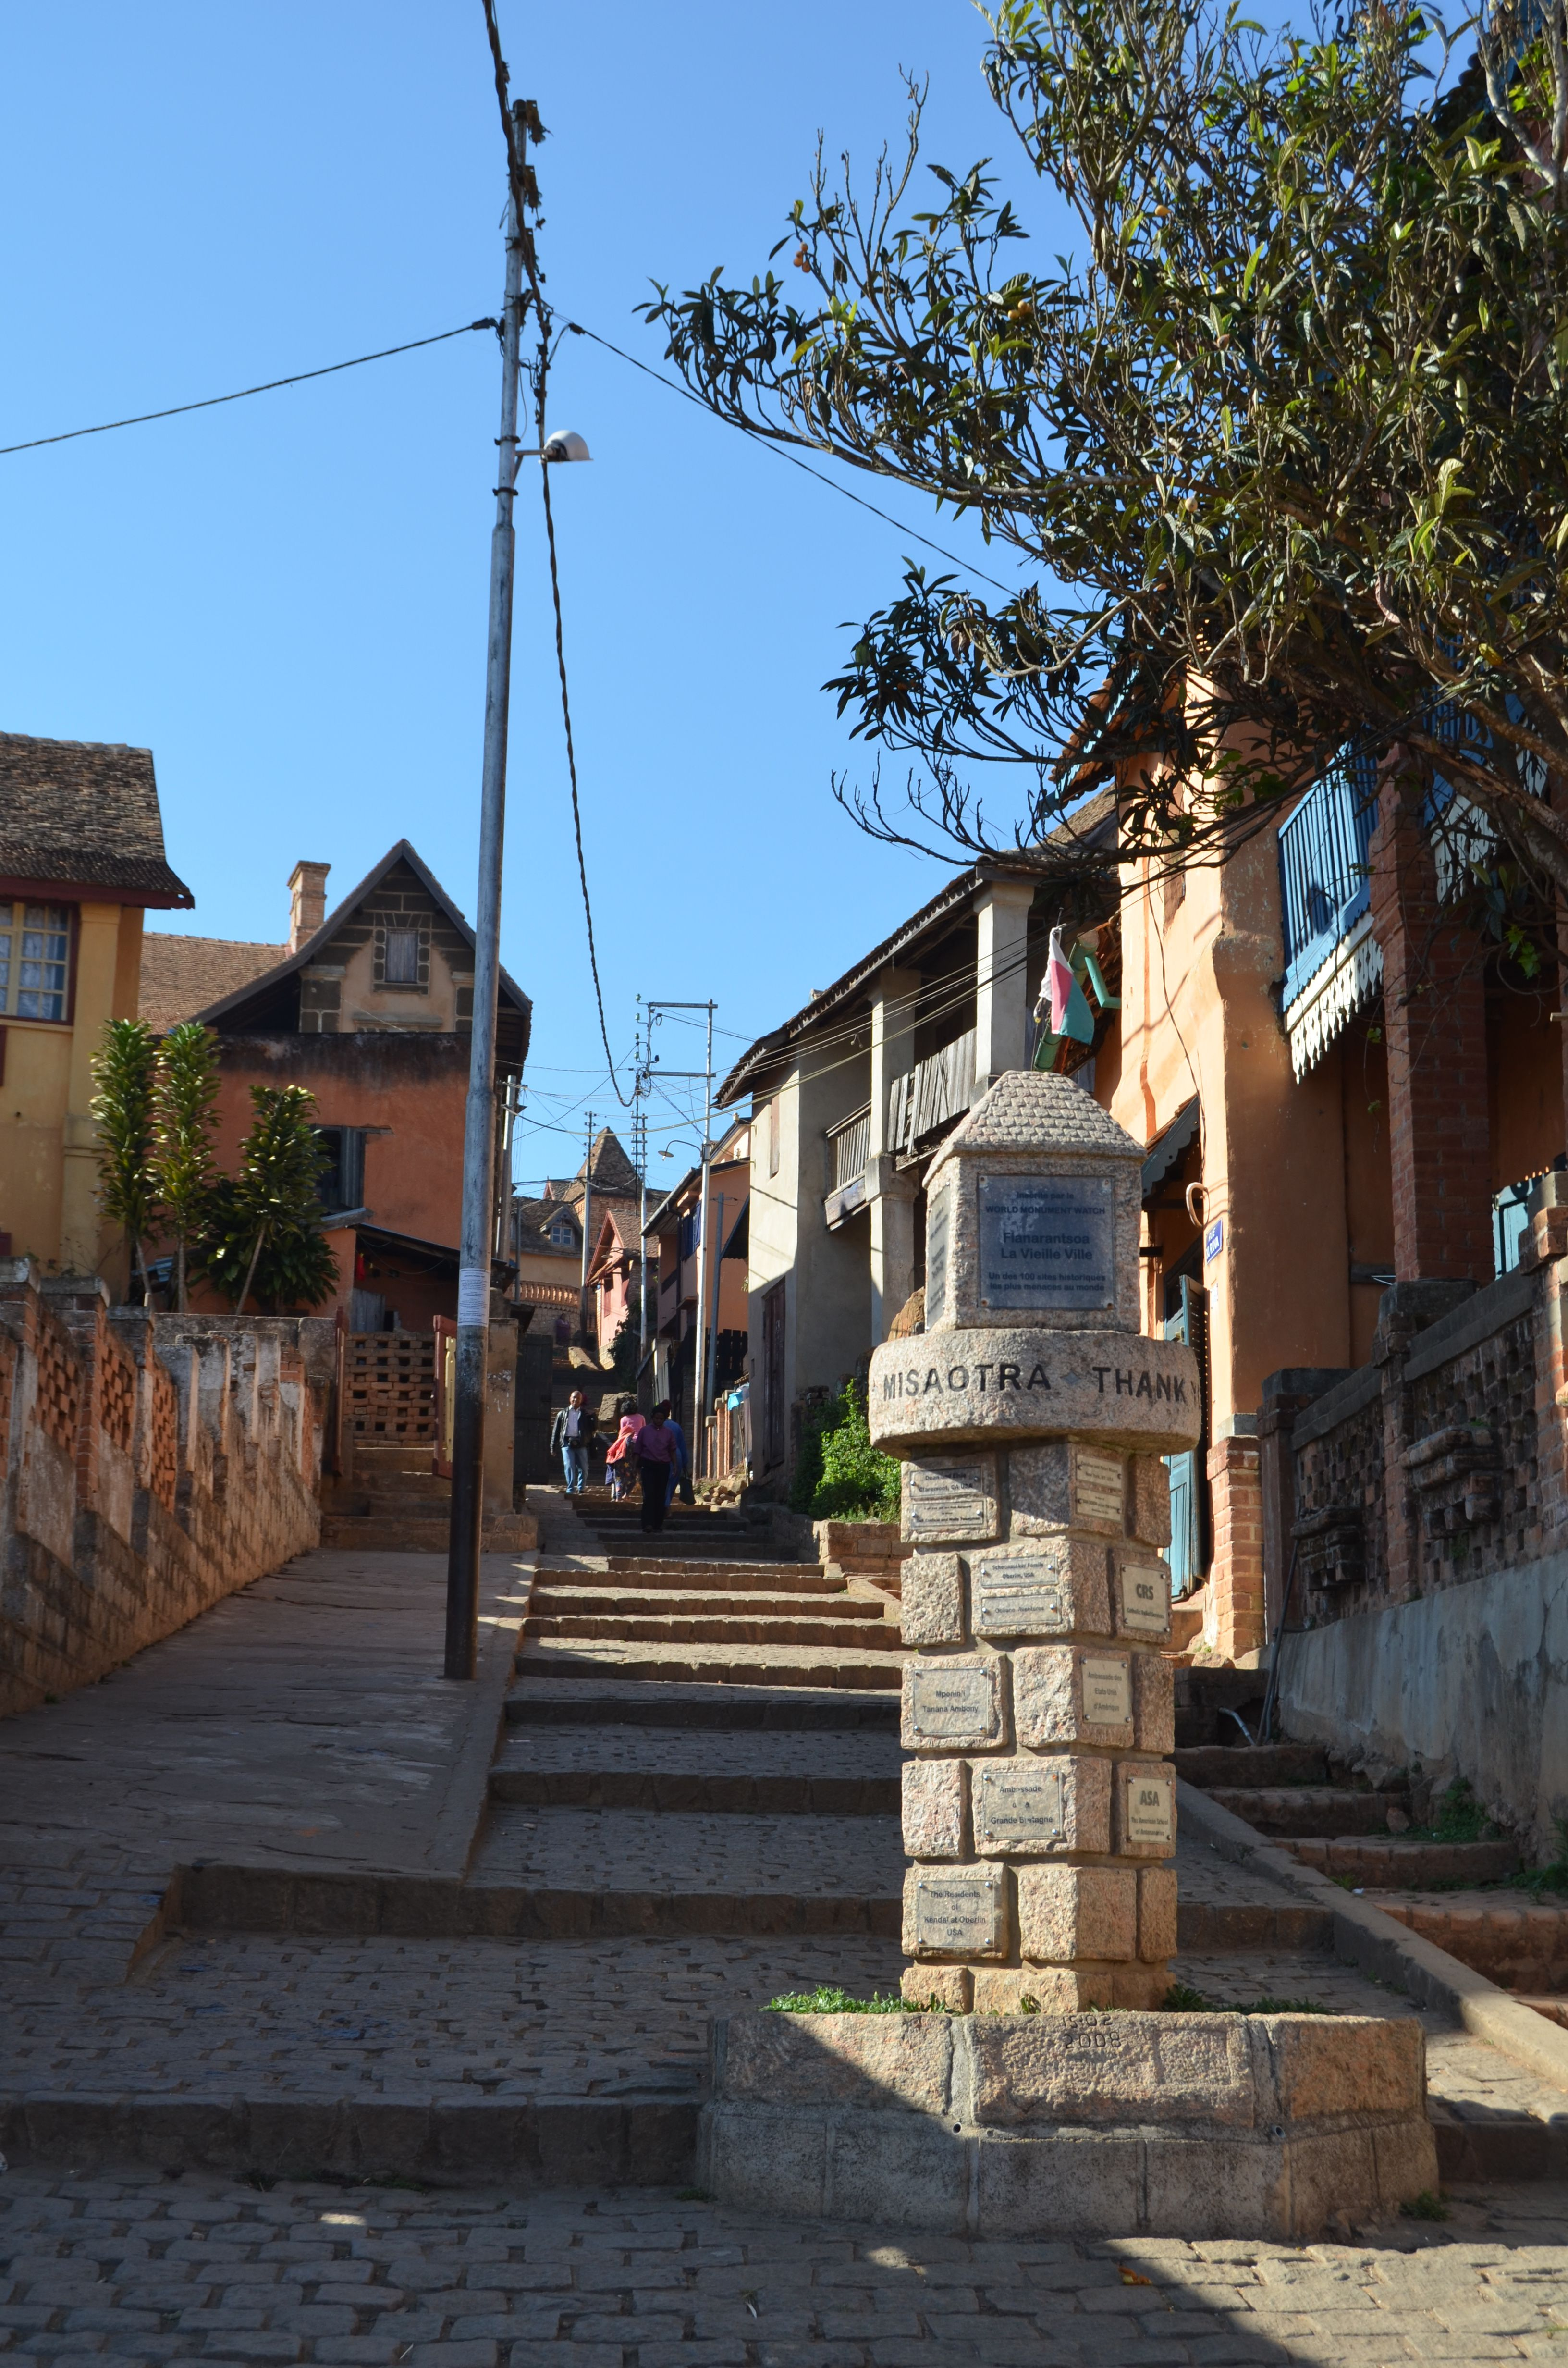 La Plus Vieille Ville Du Monde : vieille, ville, monde, File:Vieille, Ville, Fianarantsoa, 1.jpg, Wikimedia, Commons